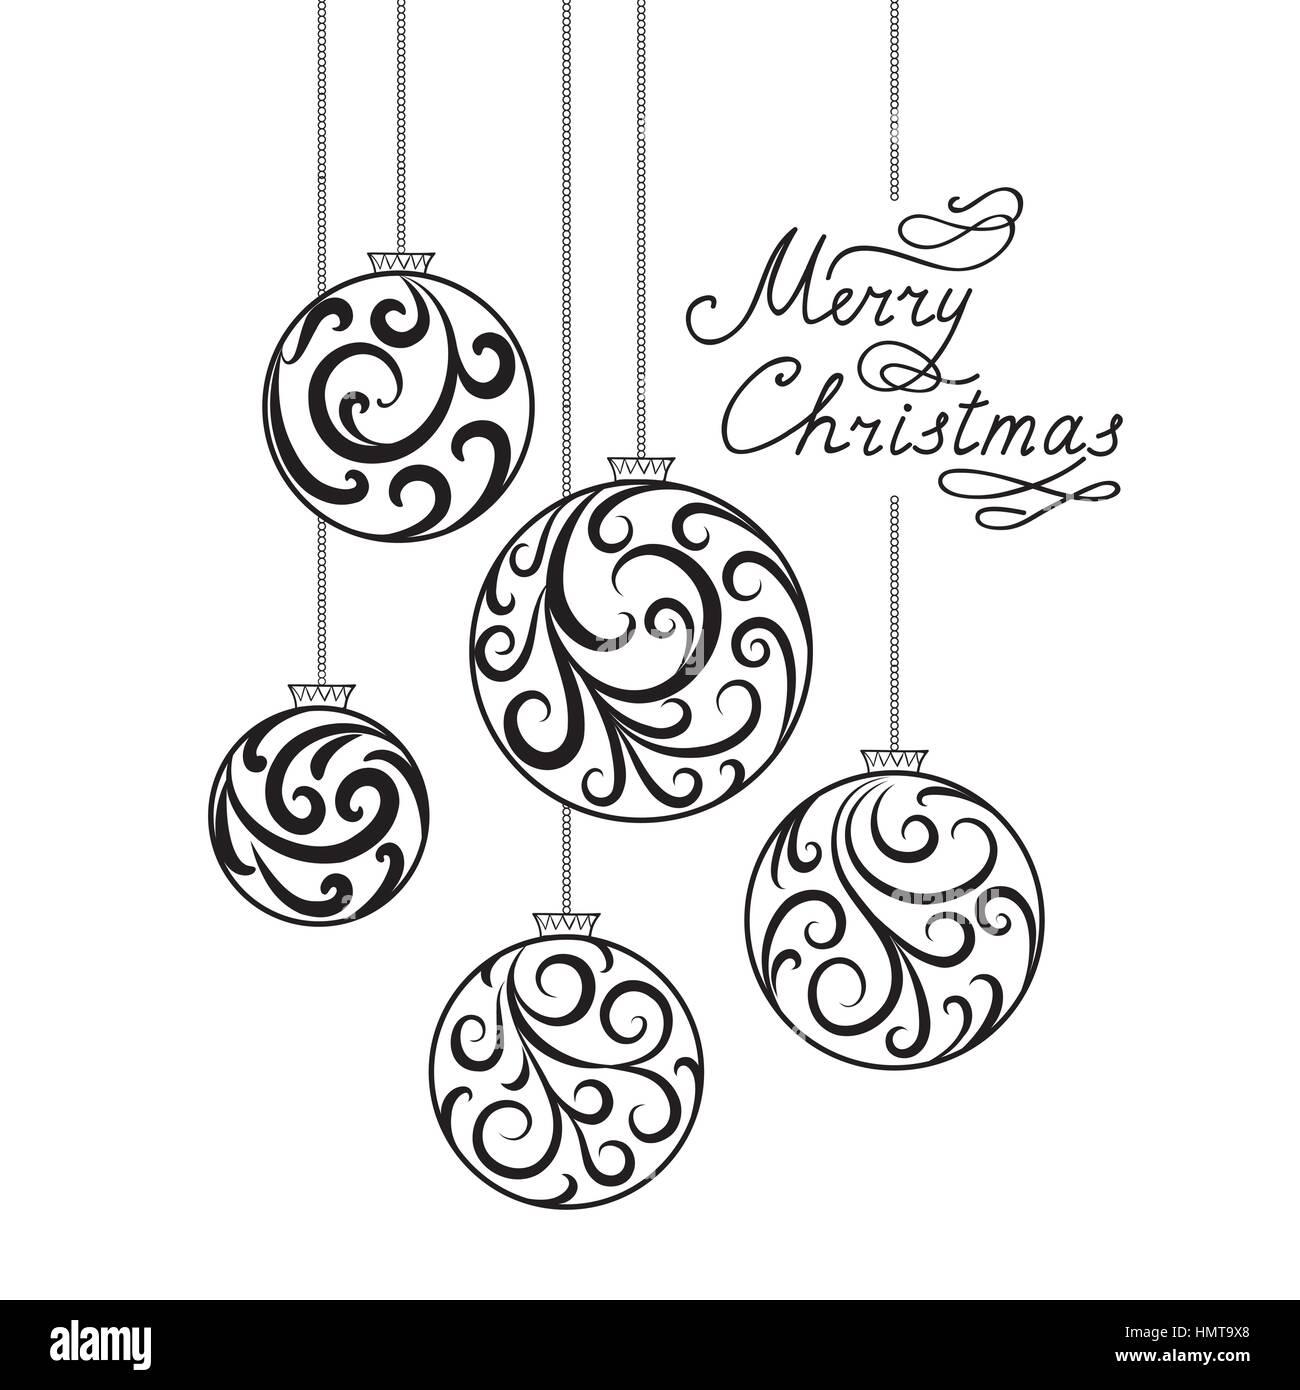 Schriftzug Frohe Weihnachten.Weihnachten Hintergrund Mit Doodle Ball Handschriftliche Schriftzug